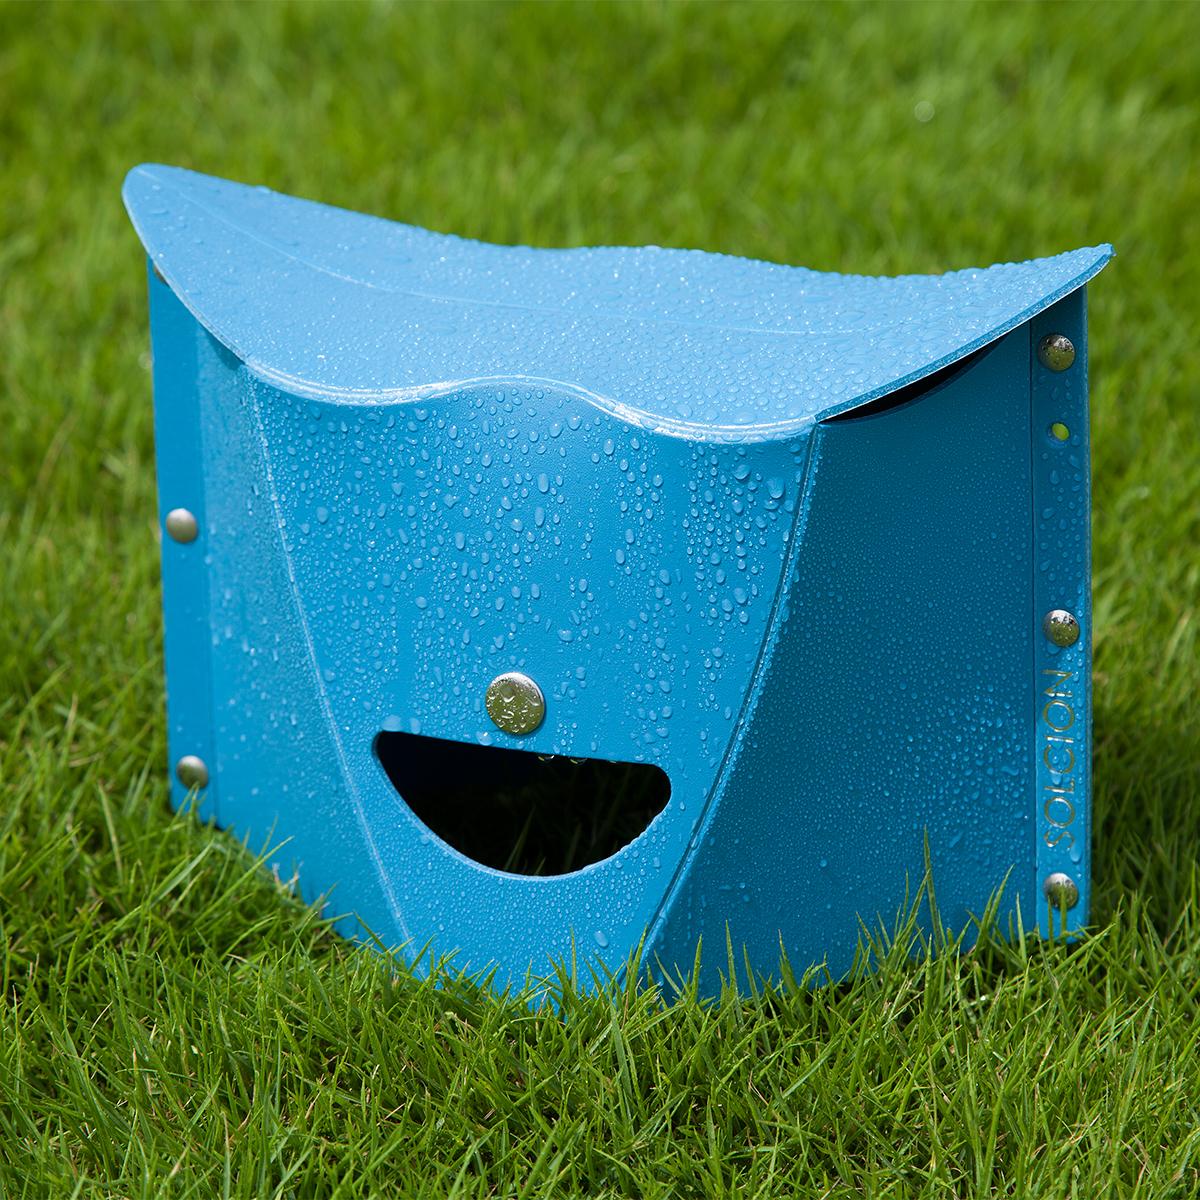 雨や雪の日でも気にせず使えて、汚れてもジャブジャブと洗って干せばOK!ガシガシ使える気軽な折りたたみ椅子|PATATTO